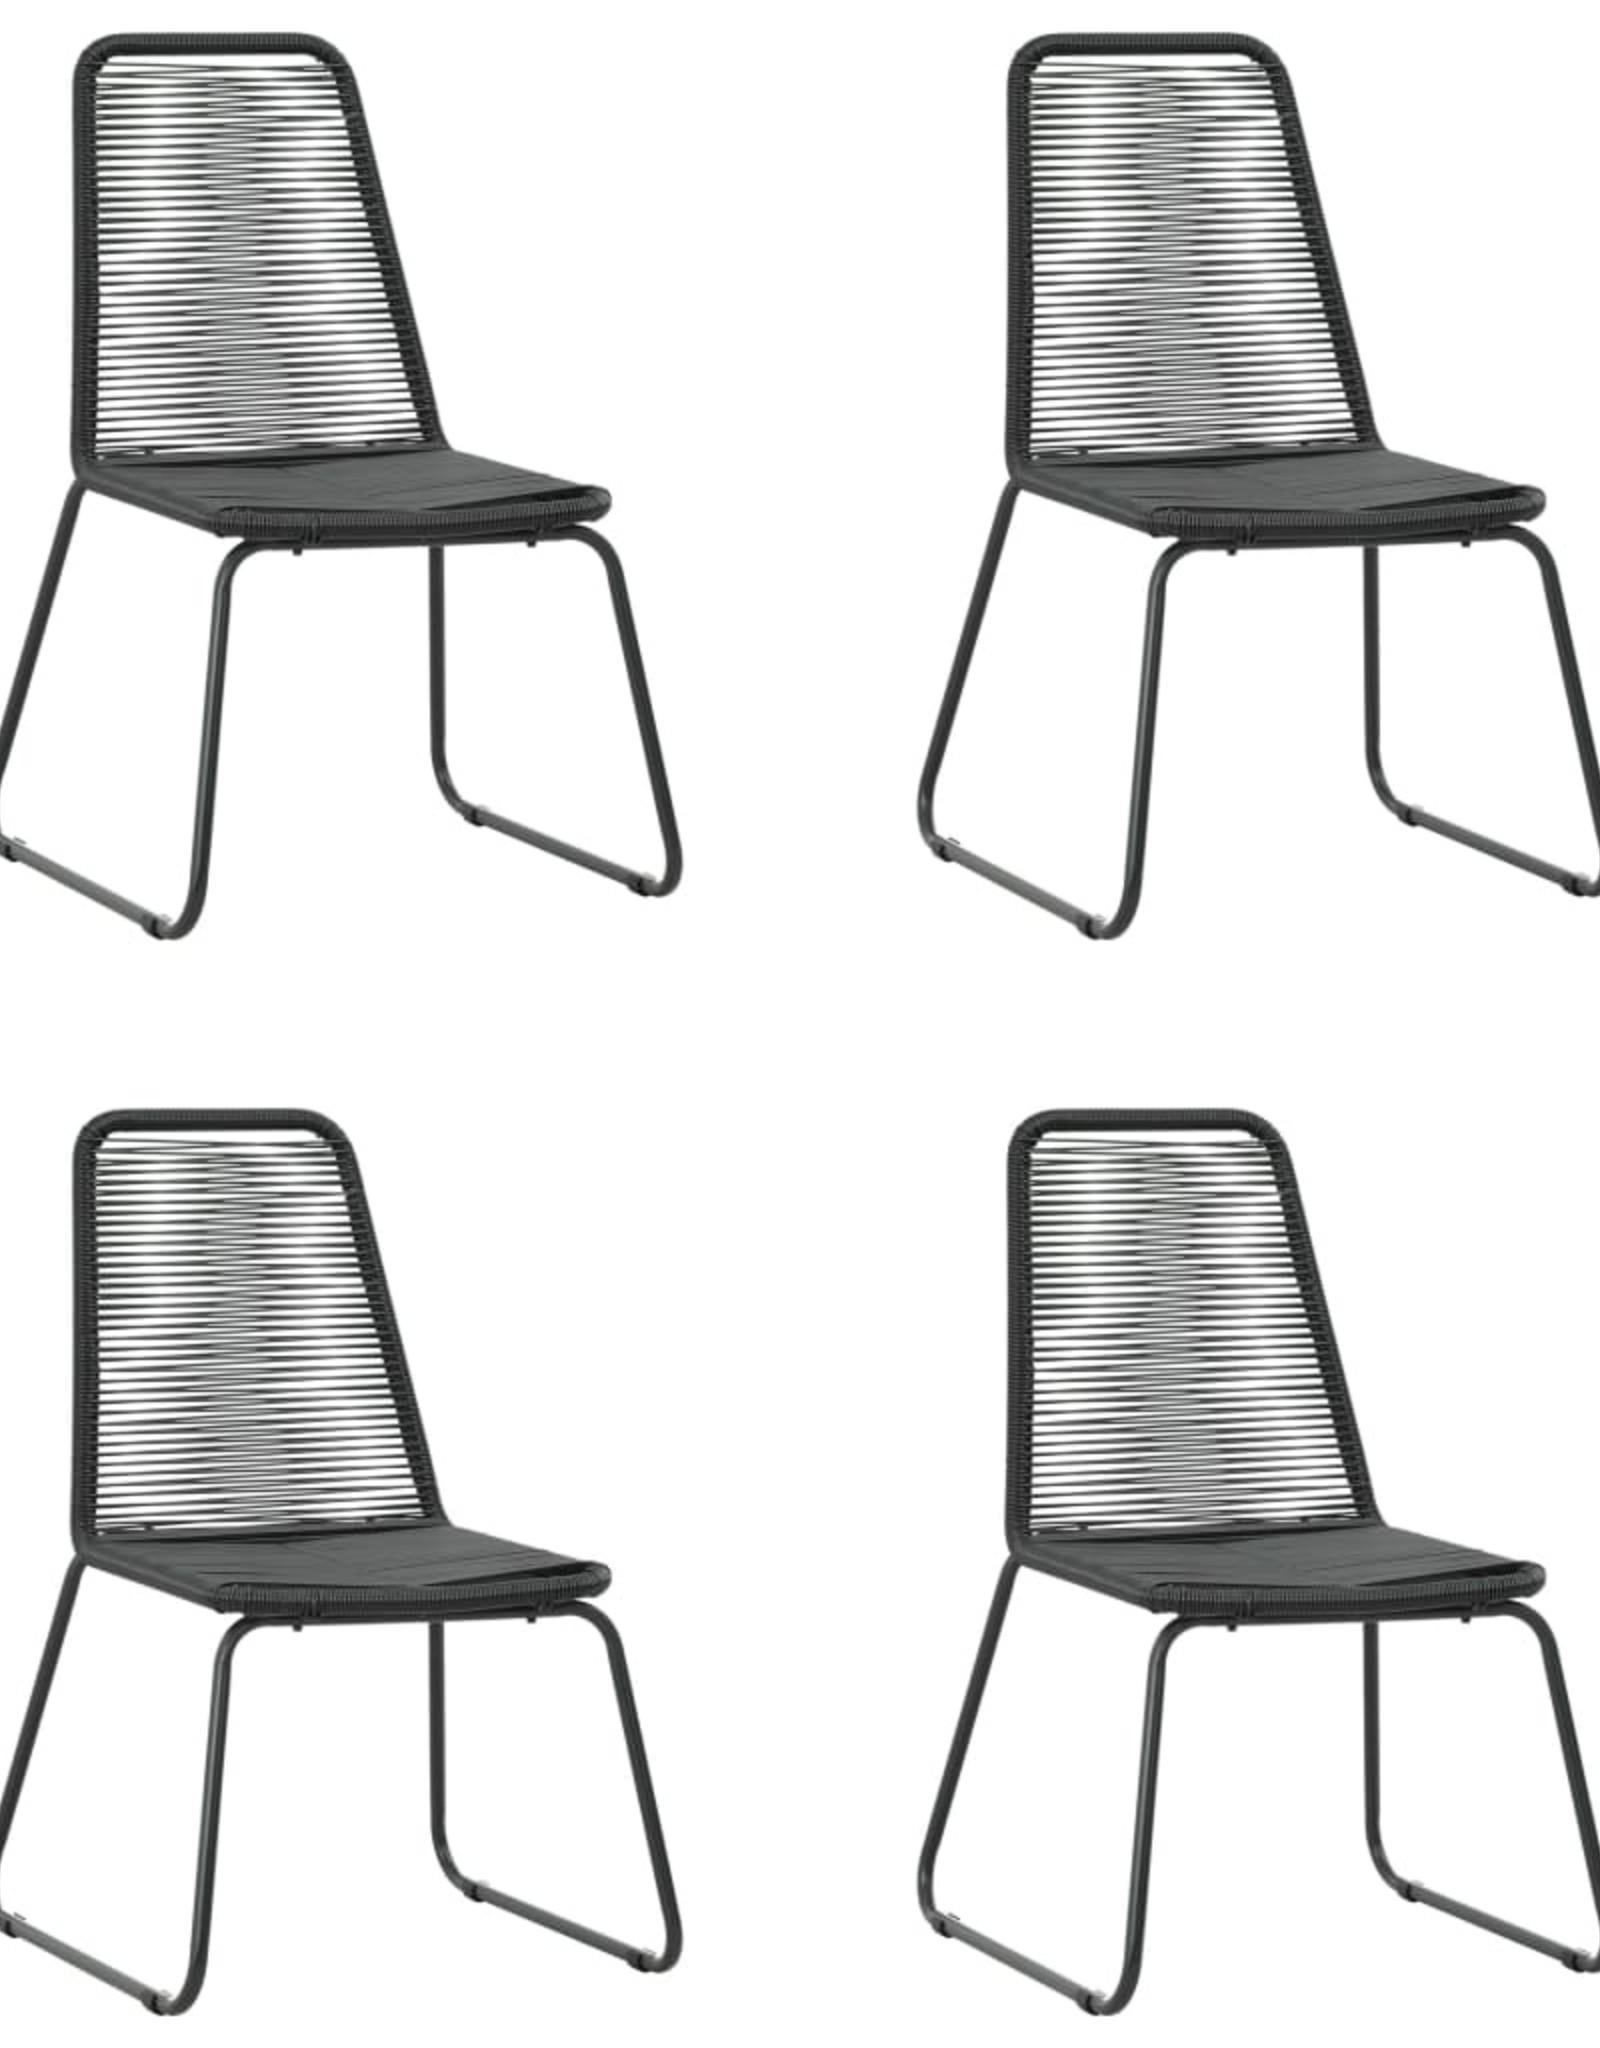 5-delige Tuinset PVC-rattan zwart en bruin